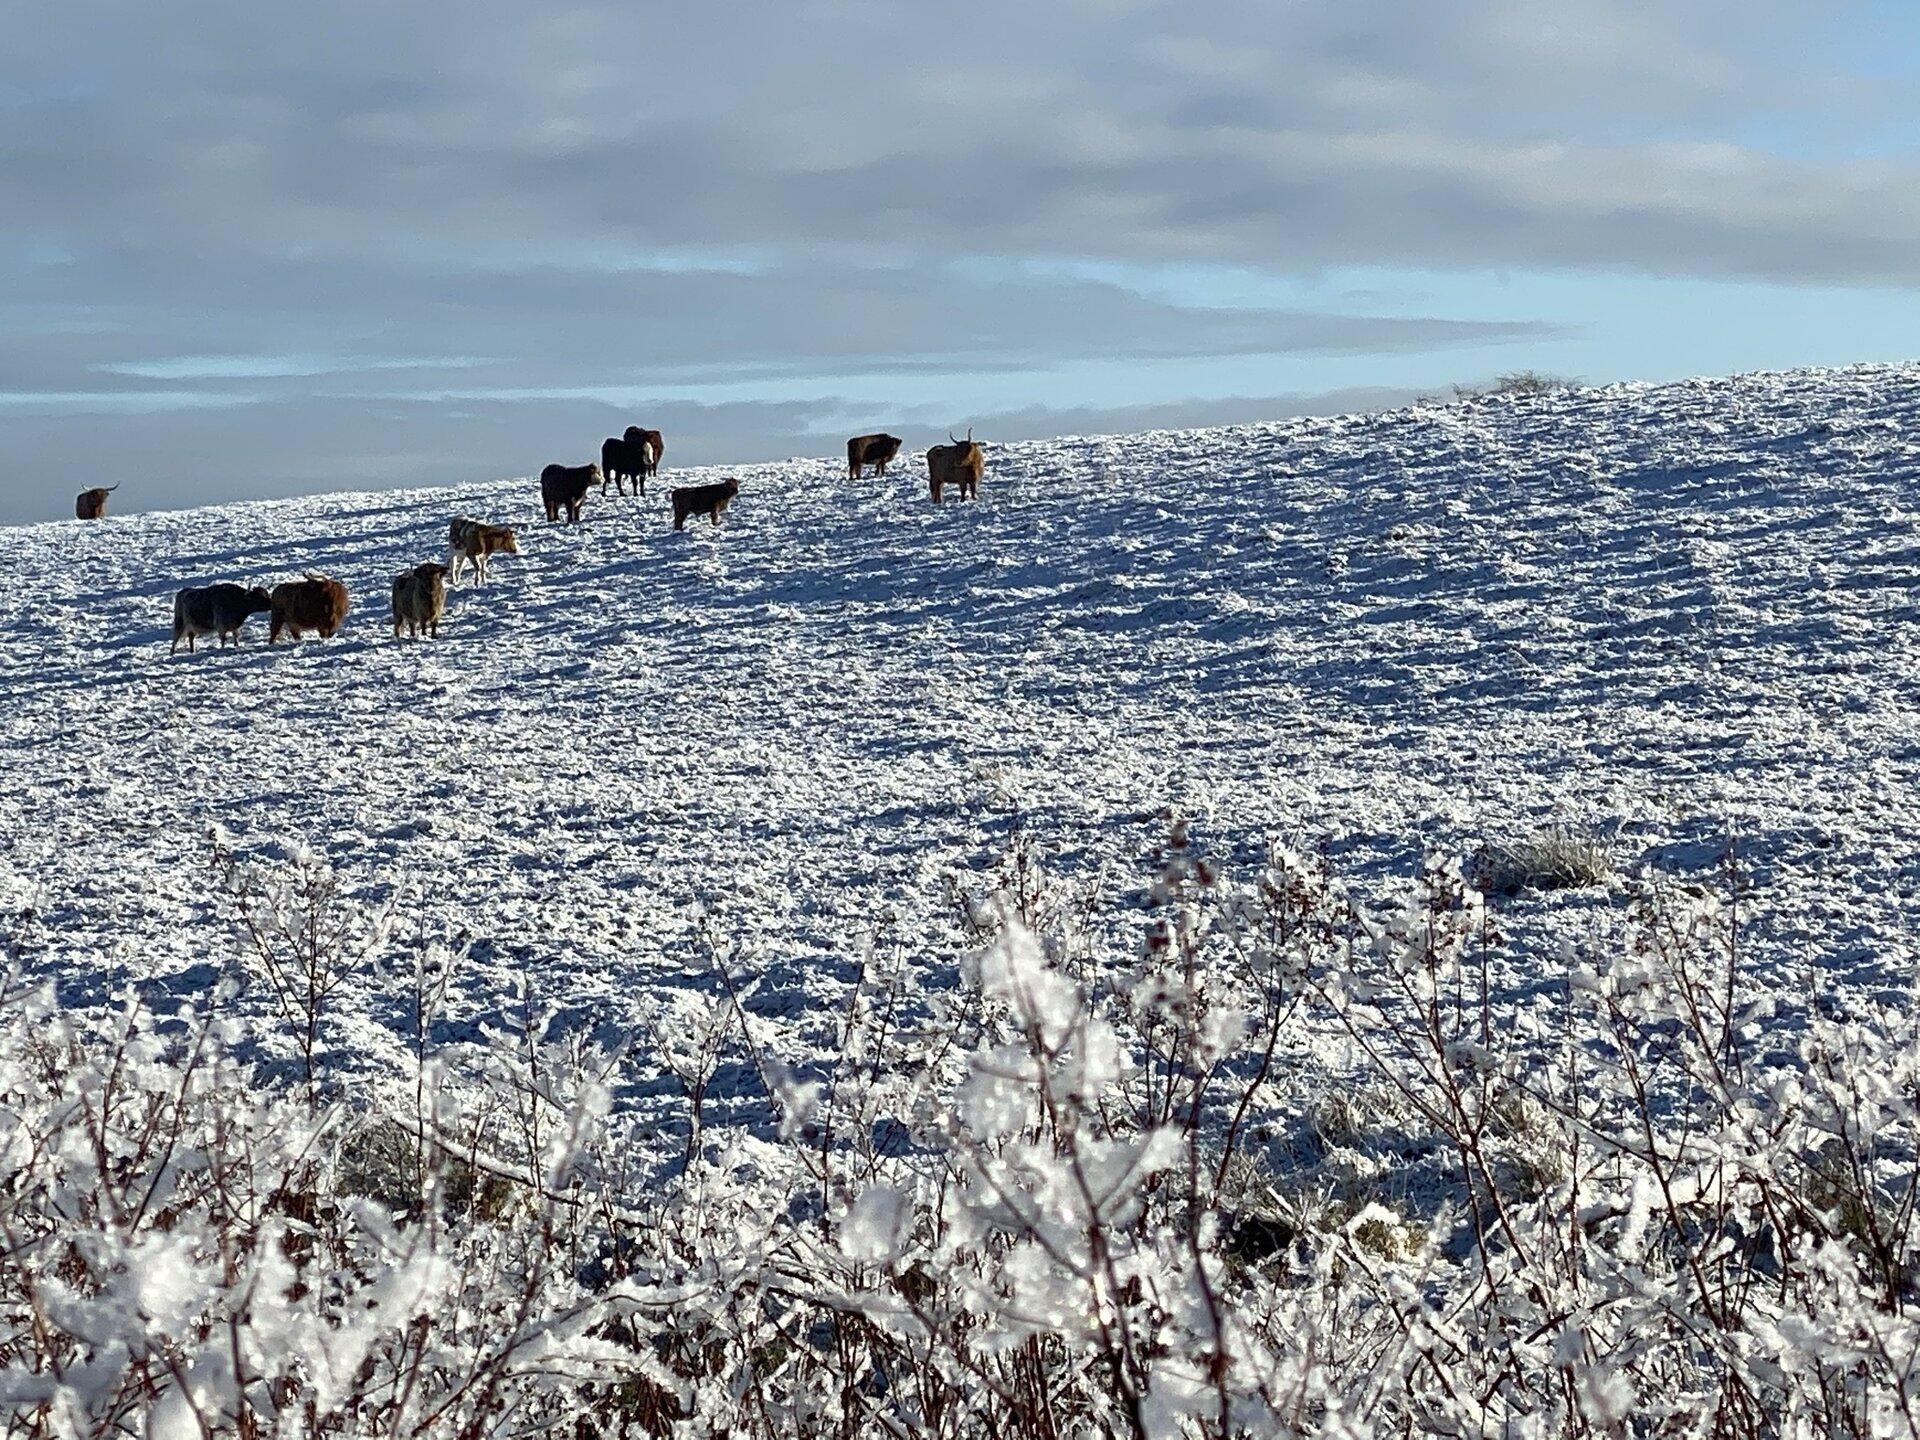 Die Rinder in der Sonne